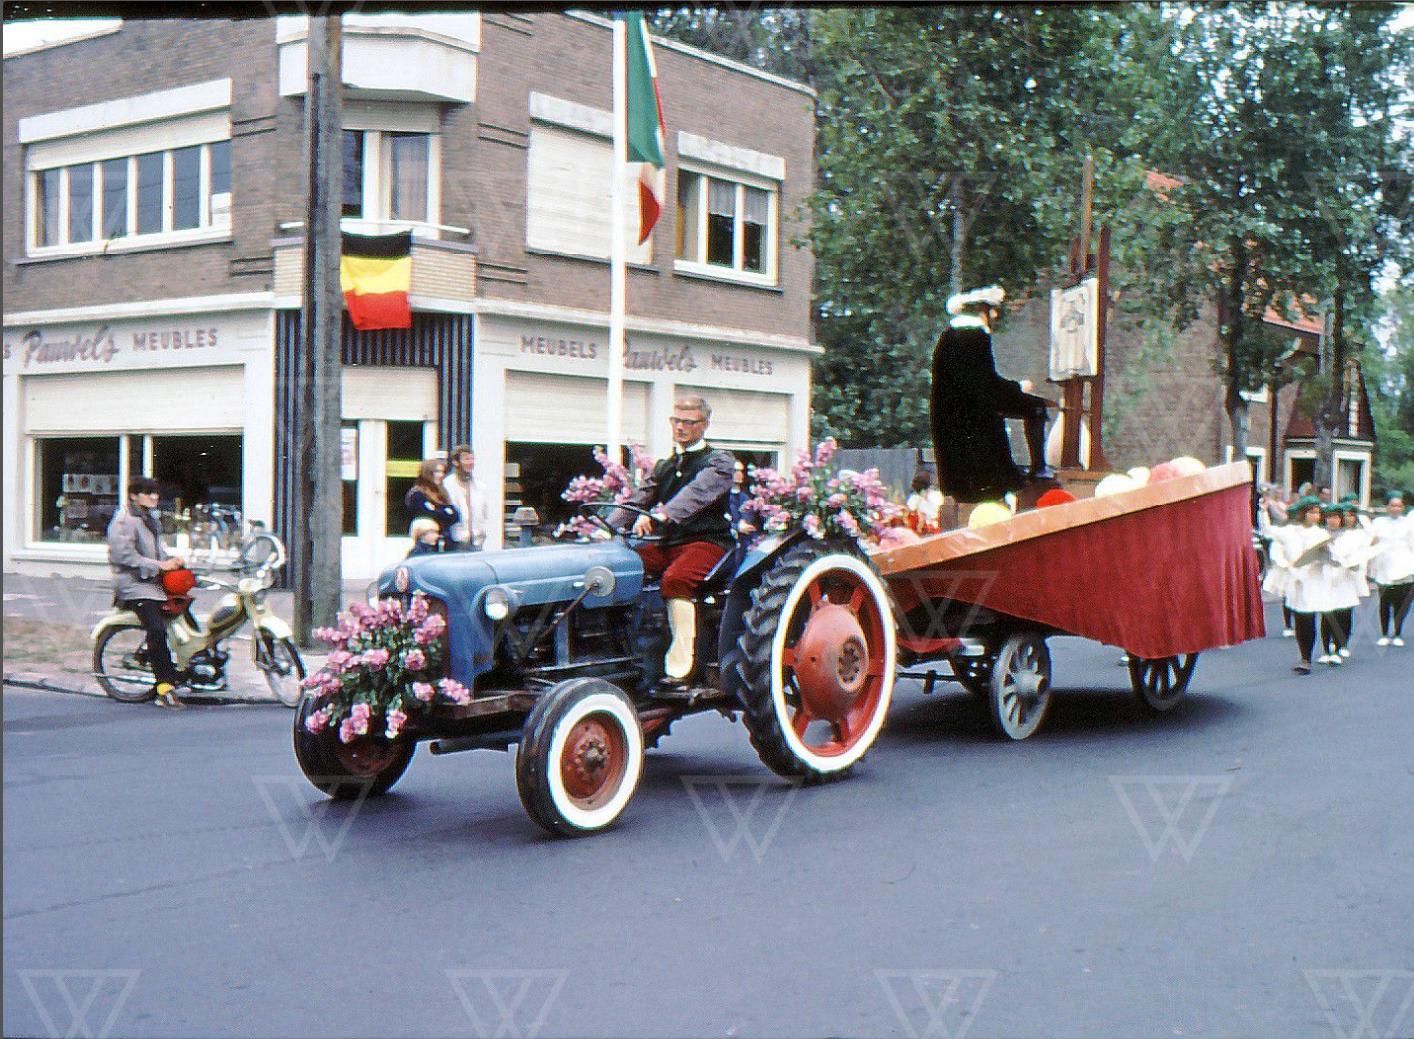 Meubels Pauwels augustus 1971